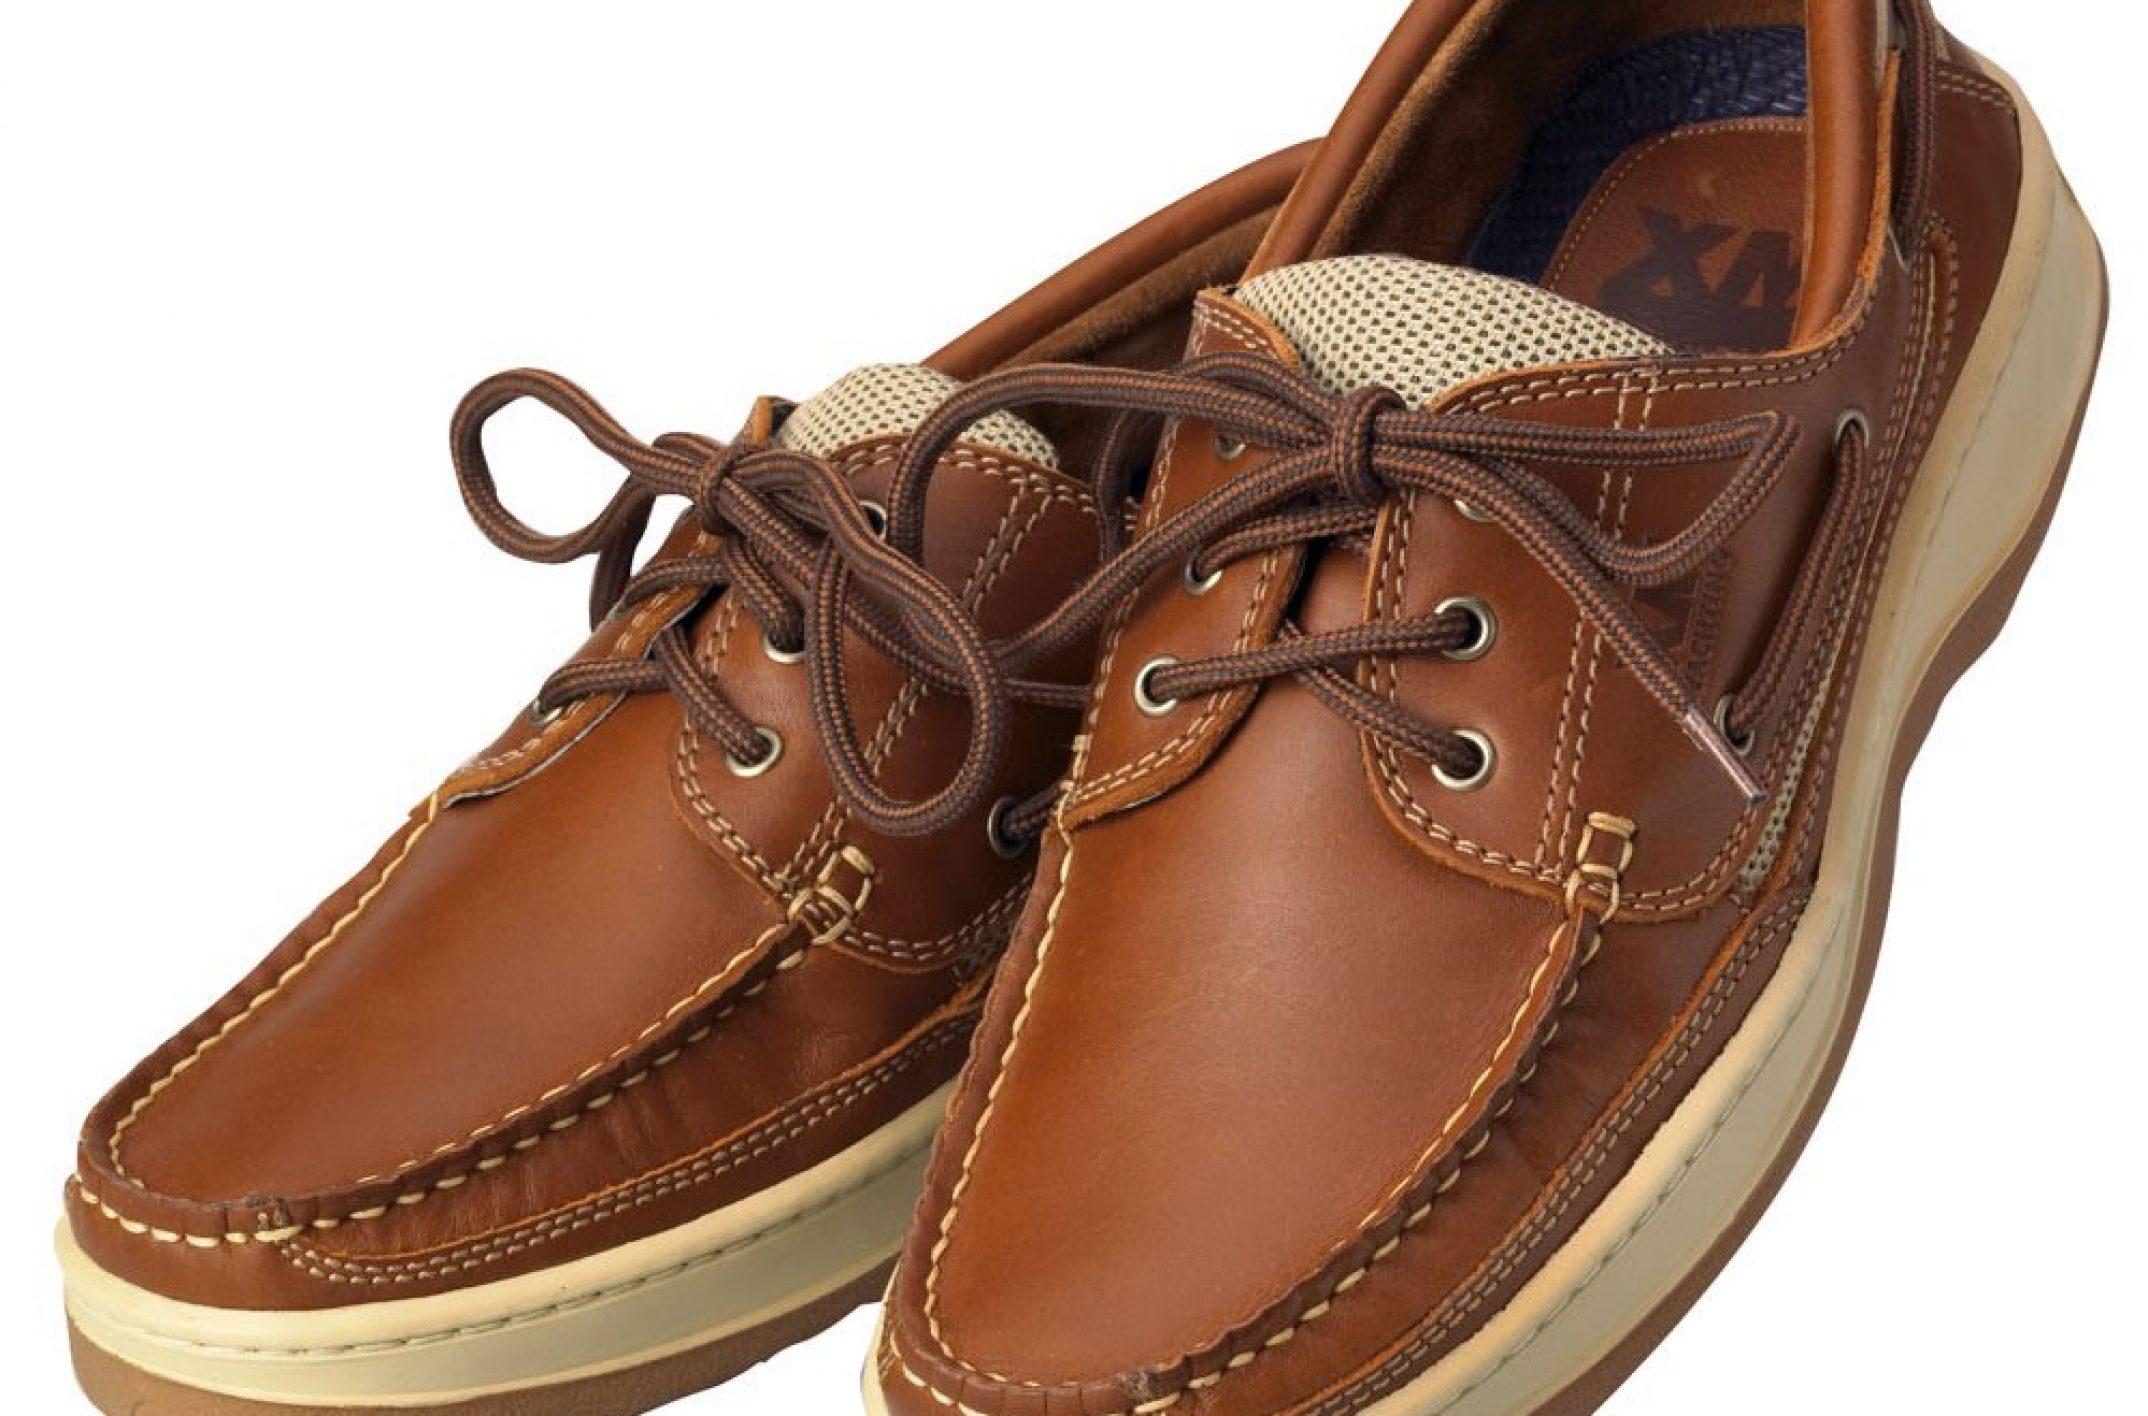 Chaussures addiction : Ce que je vous recommande pour un achat réussi de chaussures en ligne